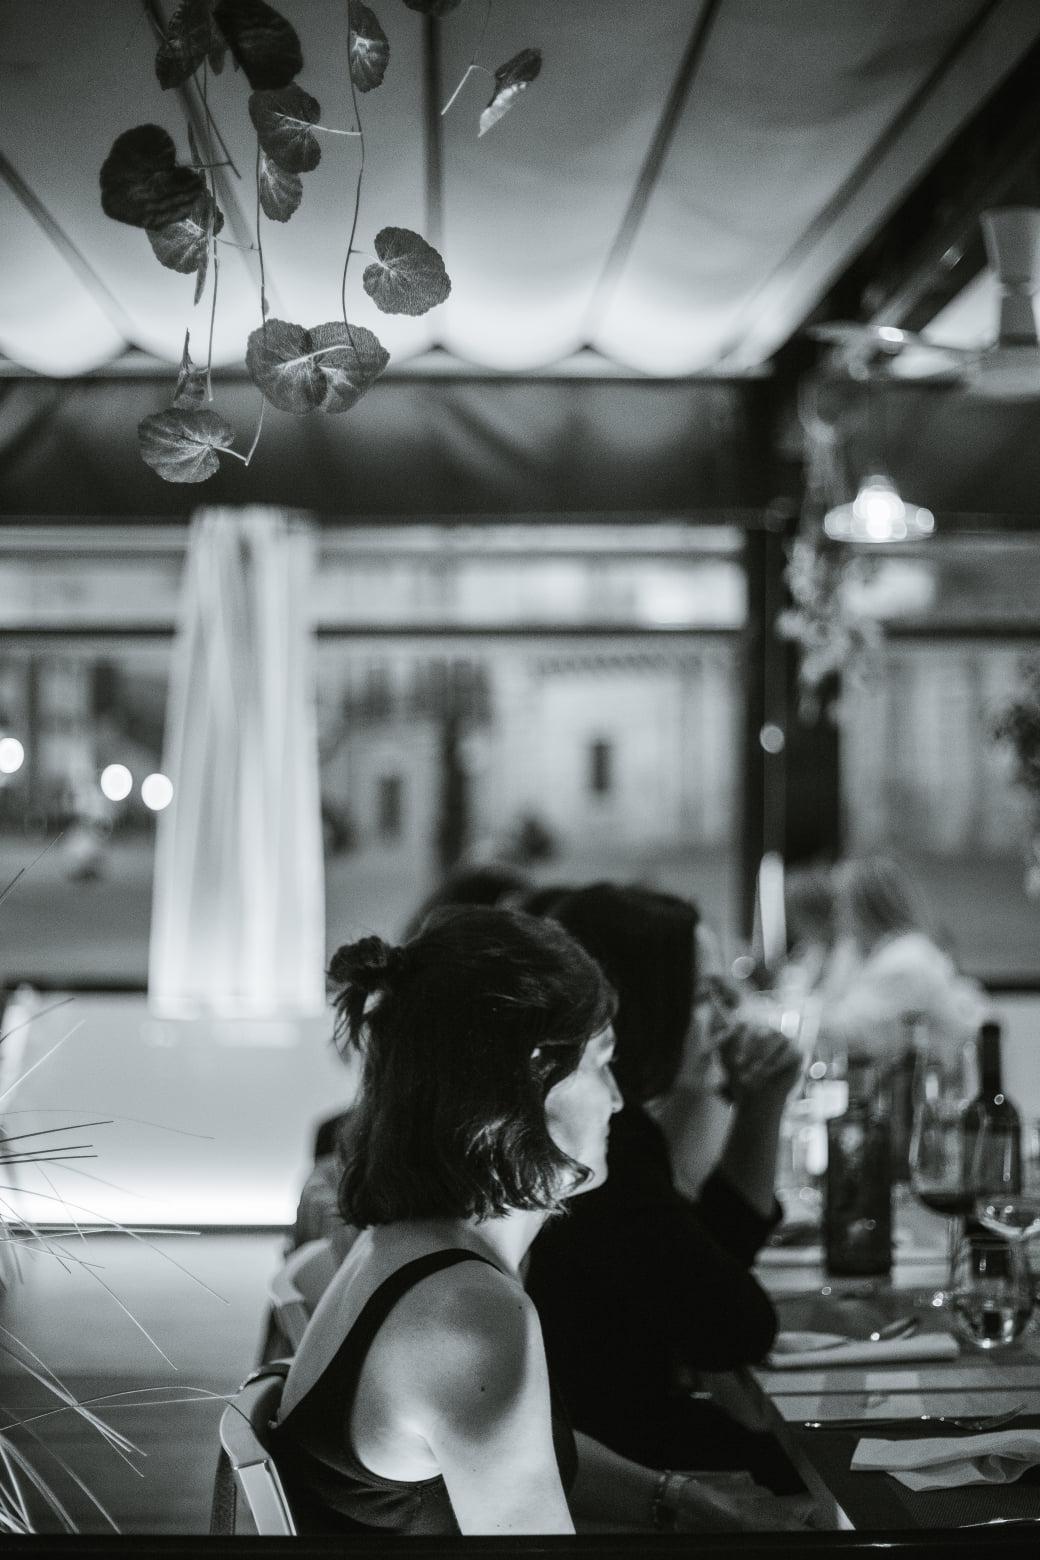 La noche de cocina Nikkei en el restaurante La Violeta, un evento culinario de primer nivel 44